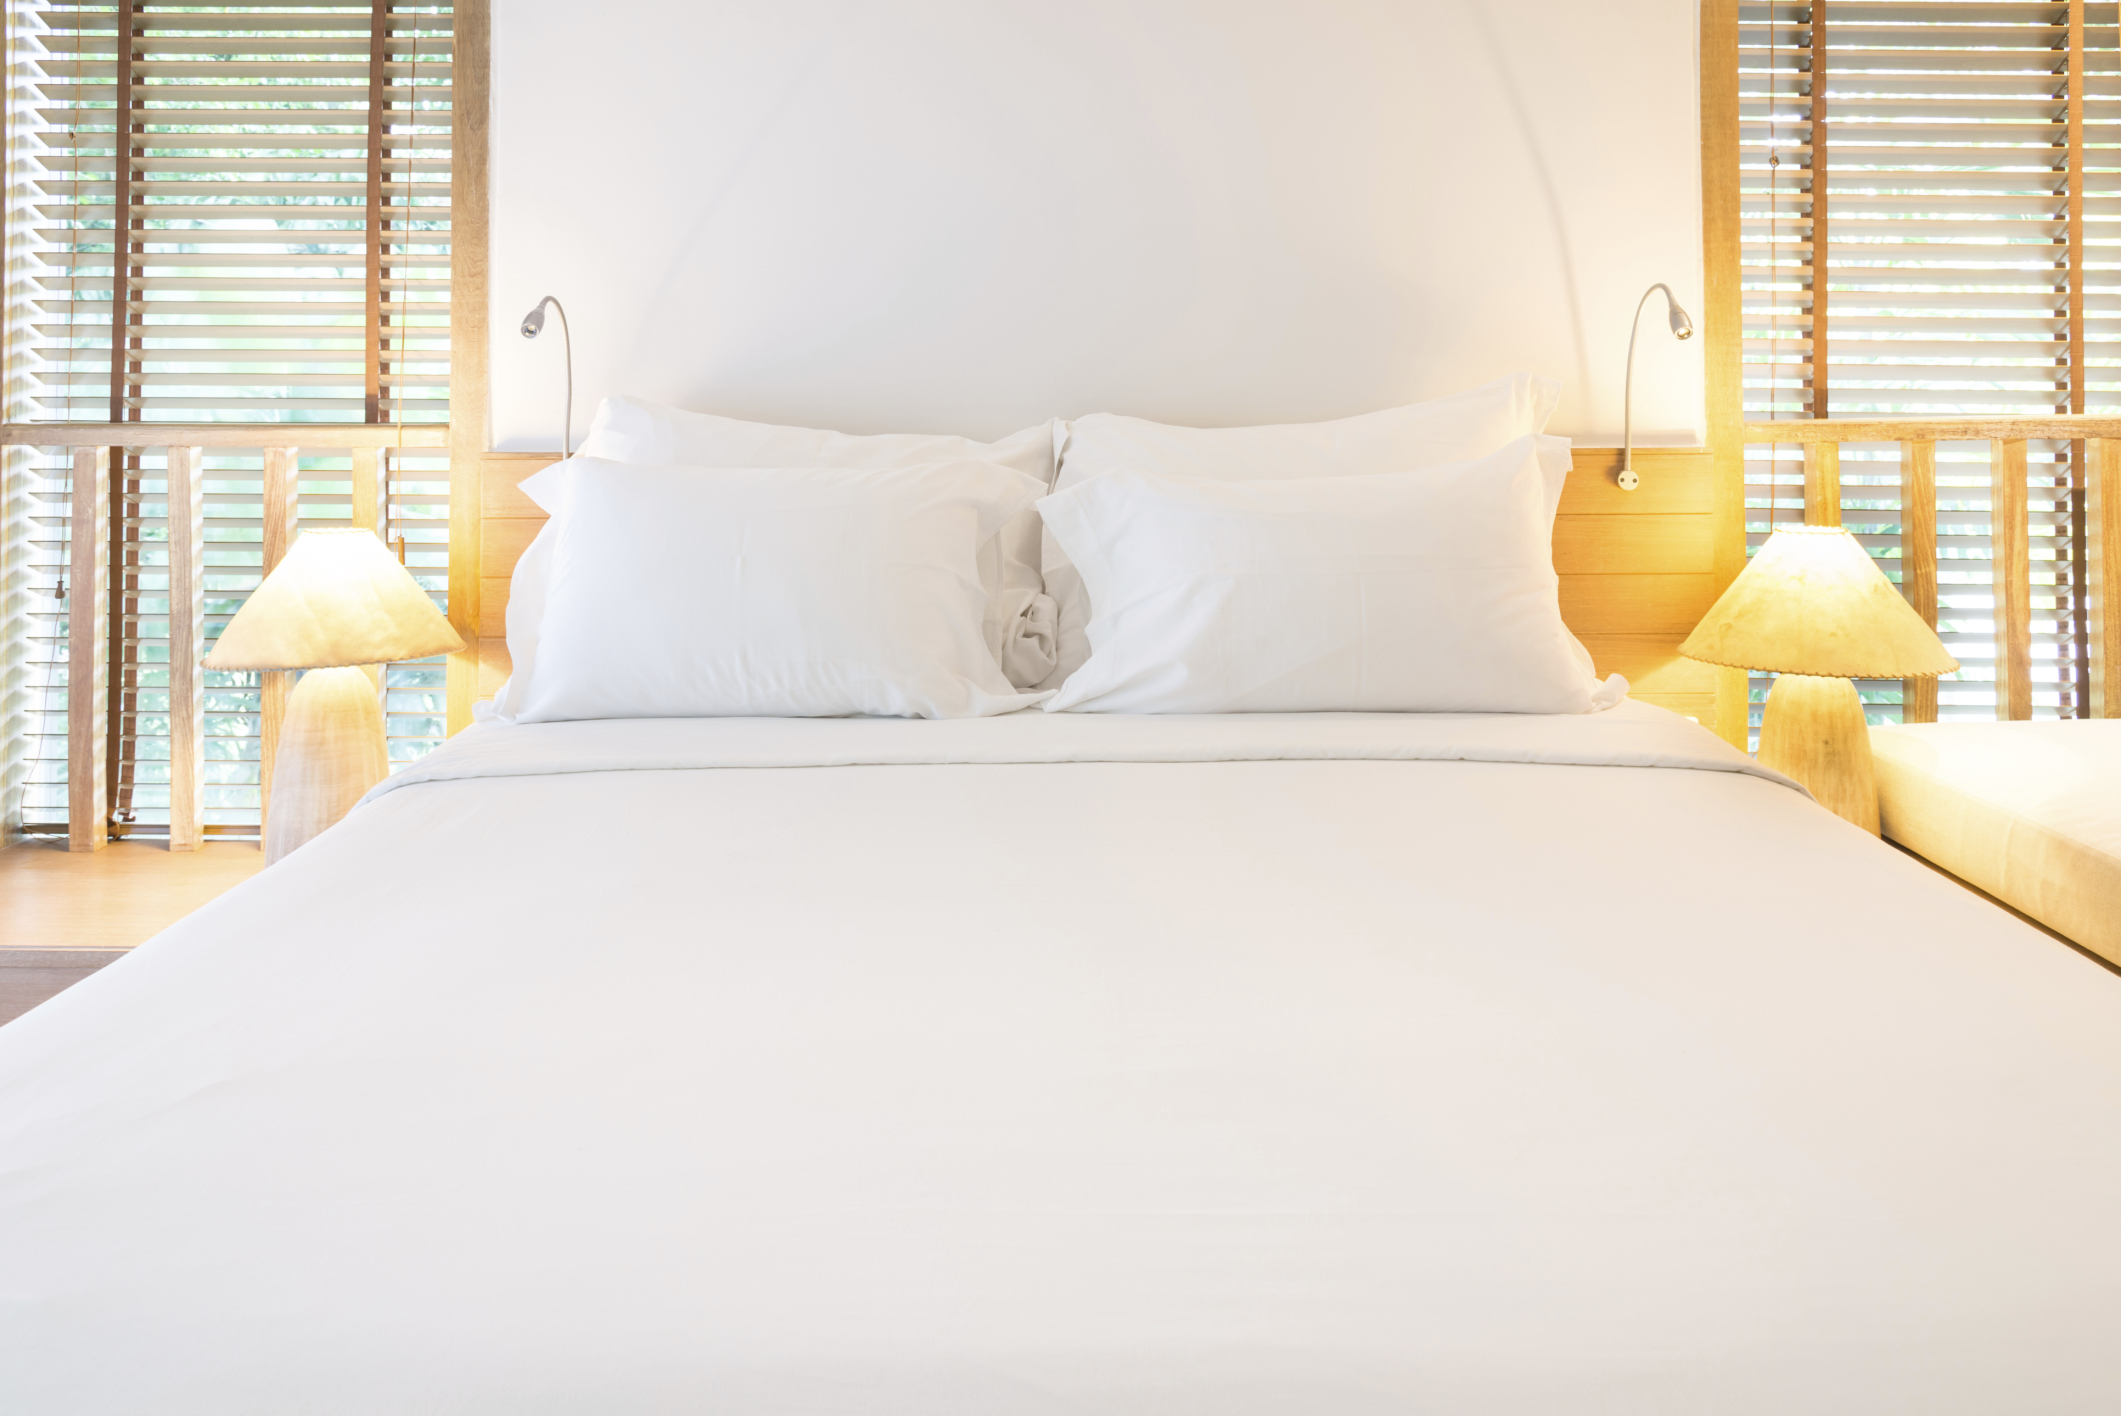 Sábanas de 300 hilos de Supratex: suavidad y calidad en la ropa de cama